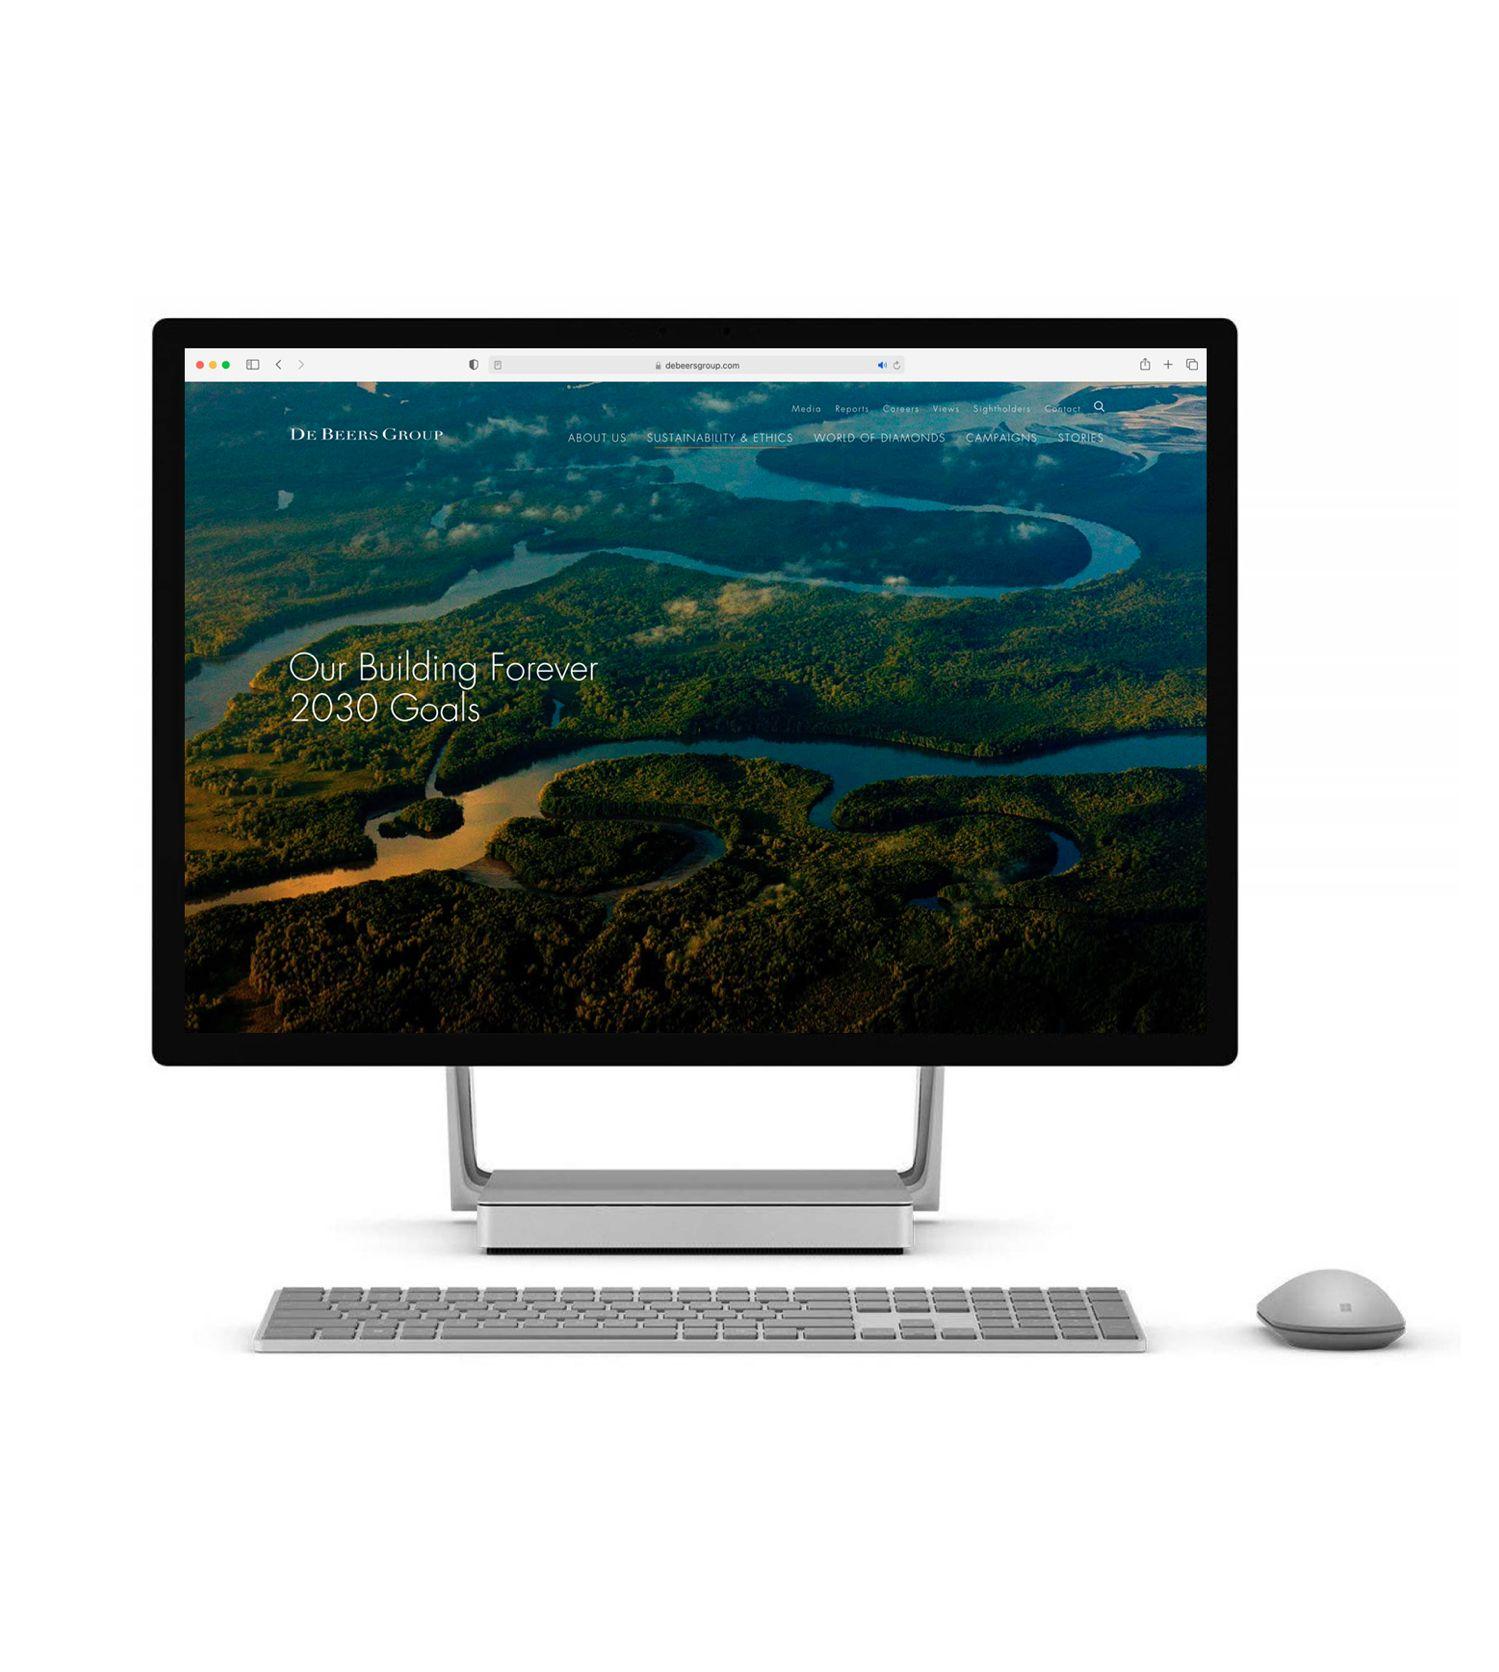 A De Beers group website displayed on a desktop